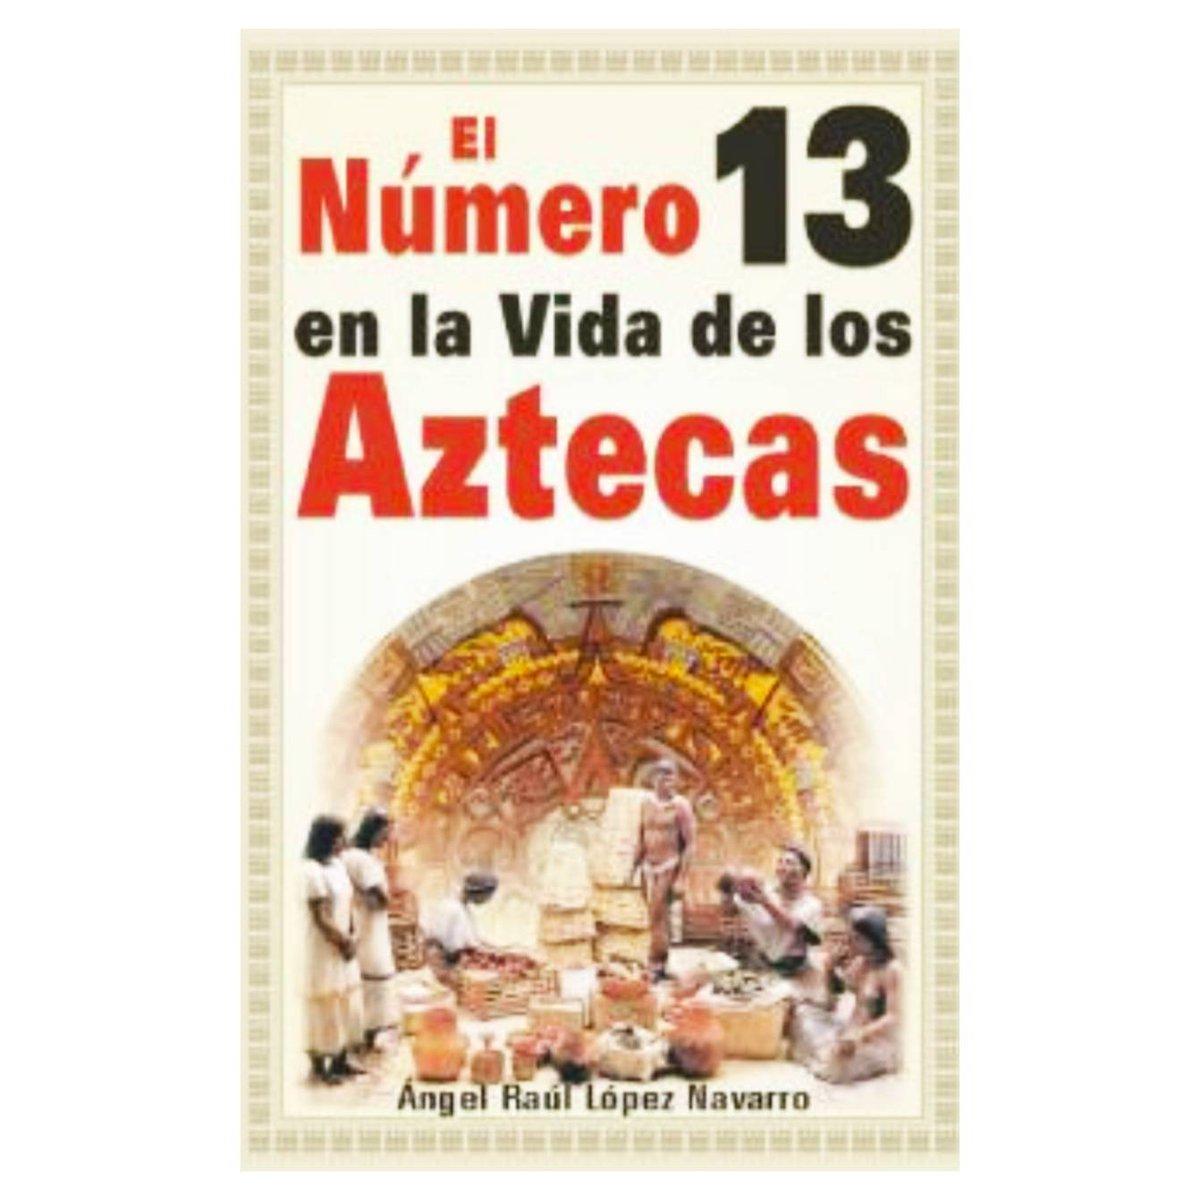 Descubre la manera en que los aztecas contaban el tiempo. #yoleoTOMO #Libros #lectura #aztecas #AmorPorLosLibros #trecepic.twitter.com/t4LG1TM9fD